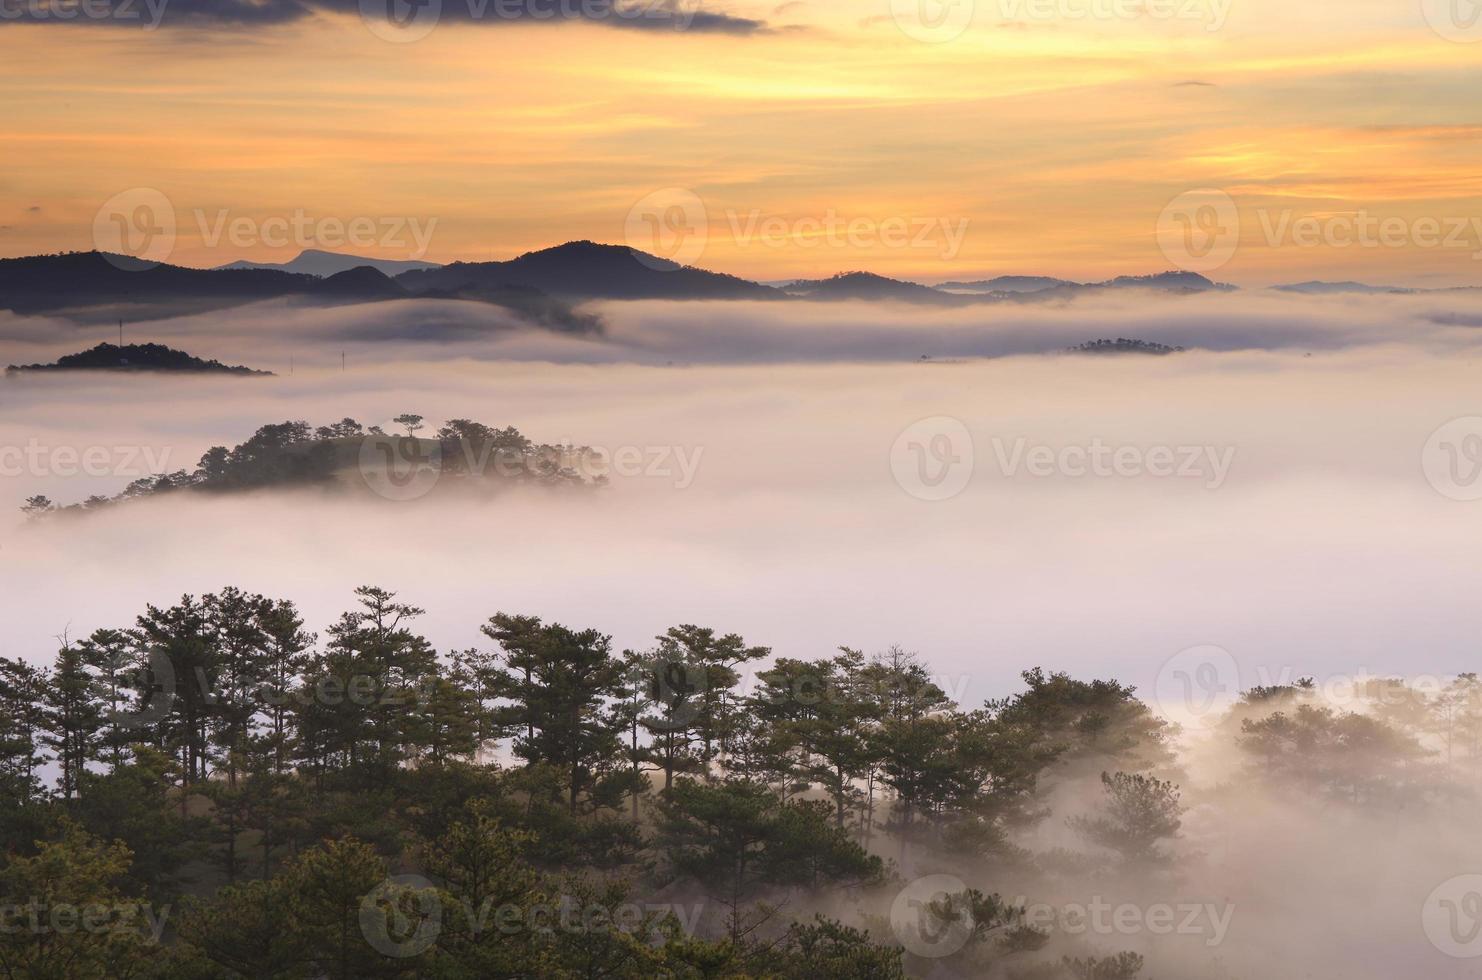 montagna, nebbia e sole all'alba foto